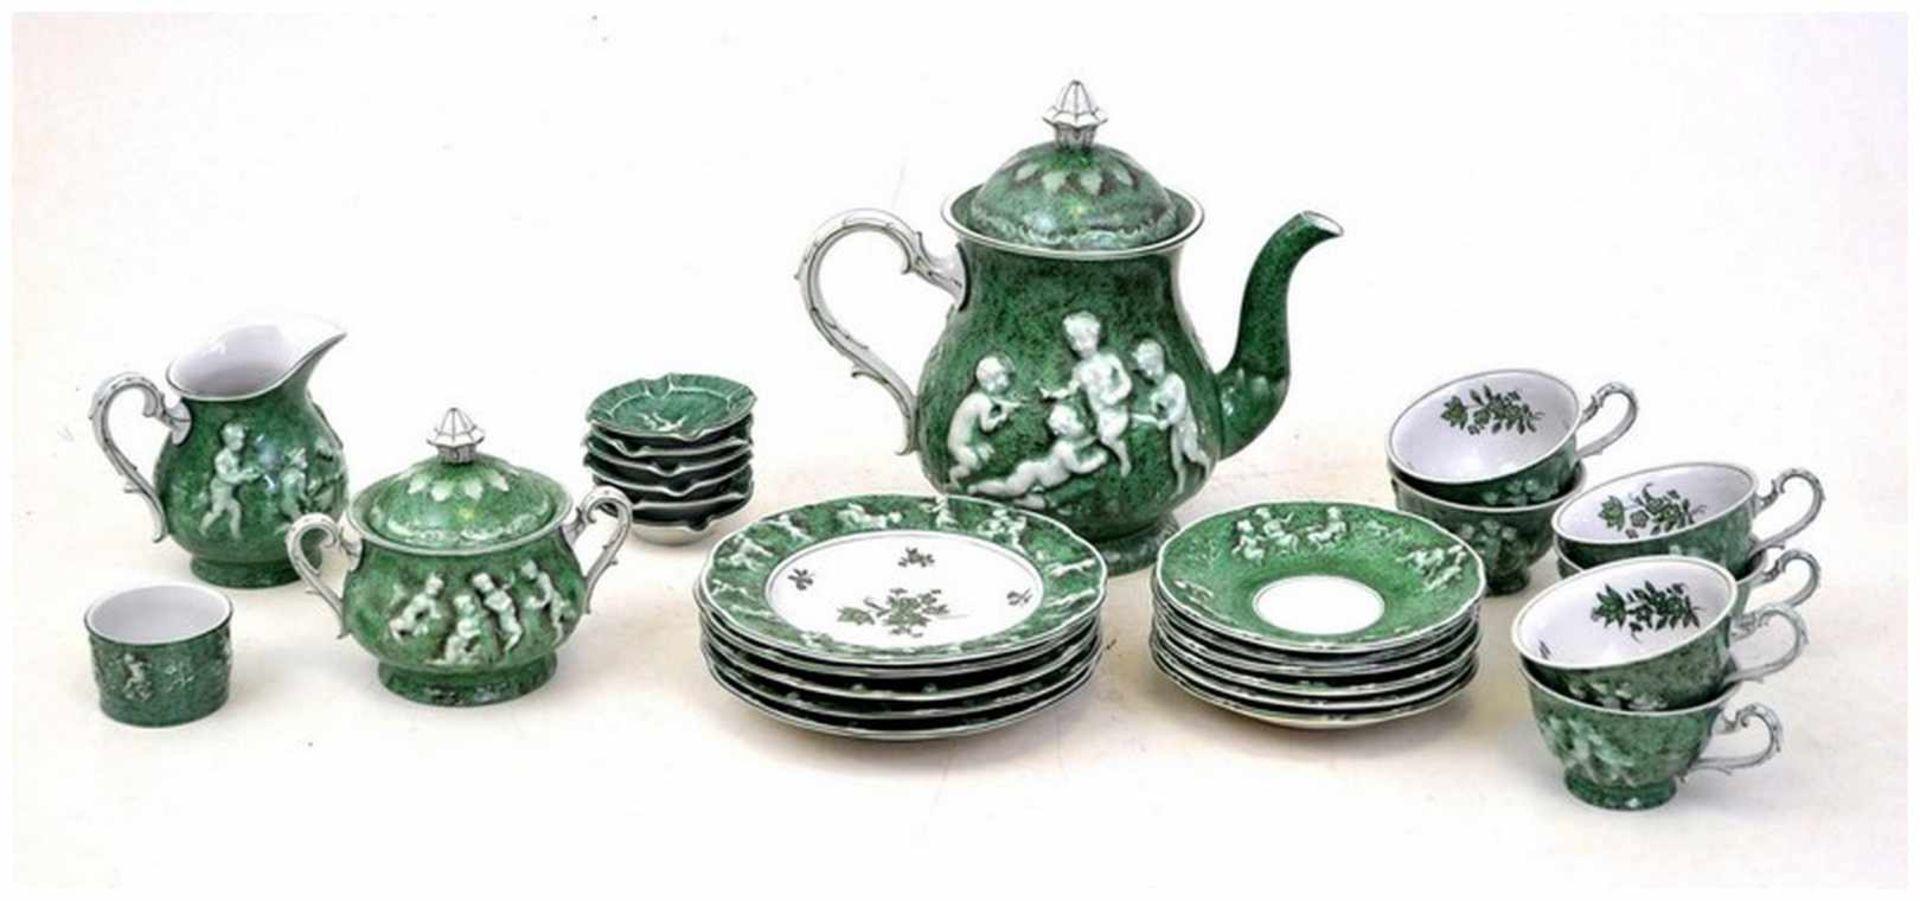 Los 49 - Konvolut Kaffeeservice für fünf Personen, 26 Teile, grün, mit spielenden Puttos verziert, FM